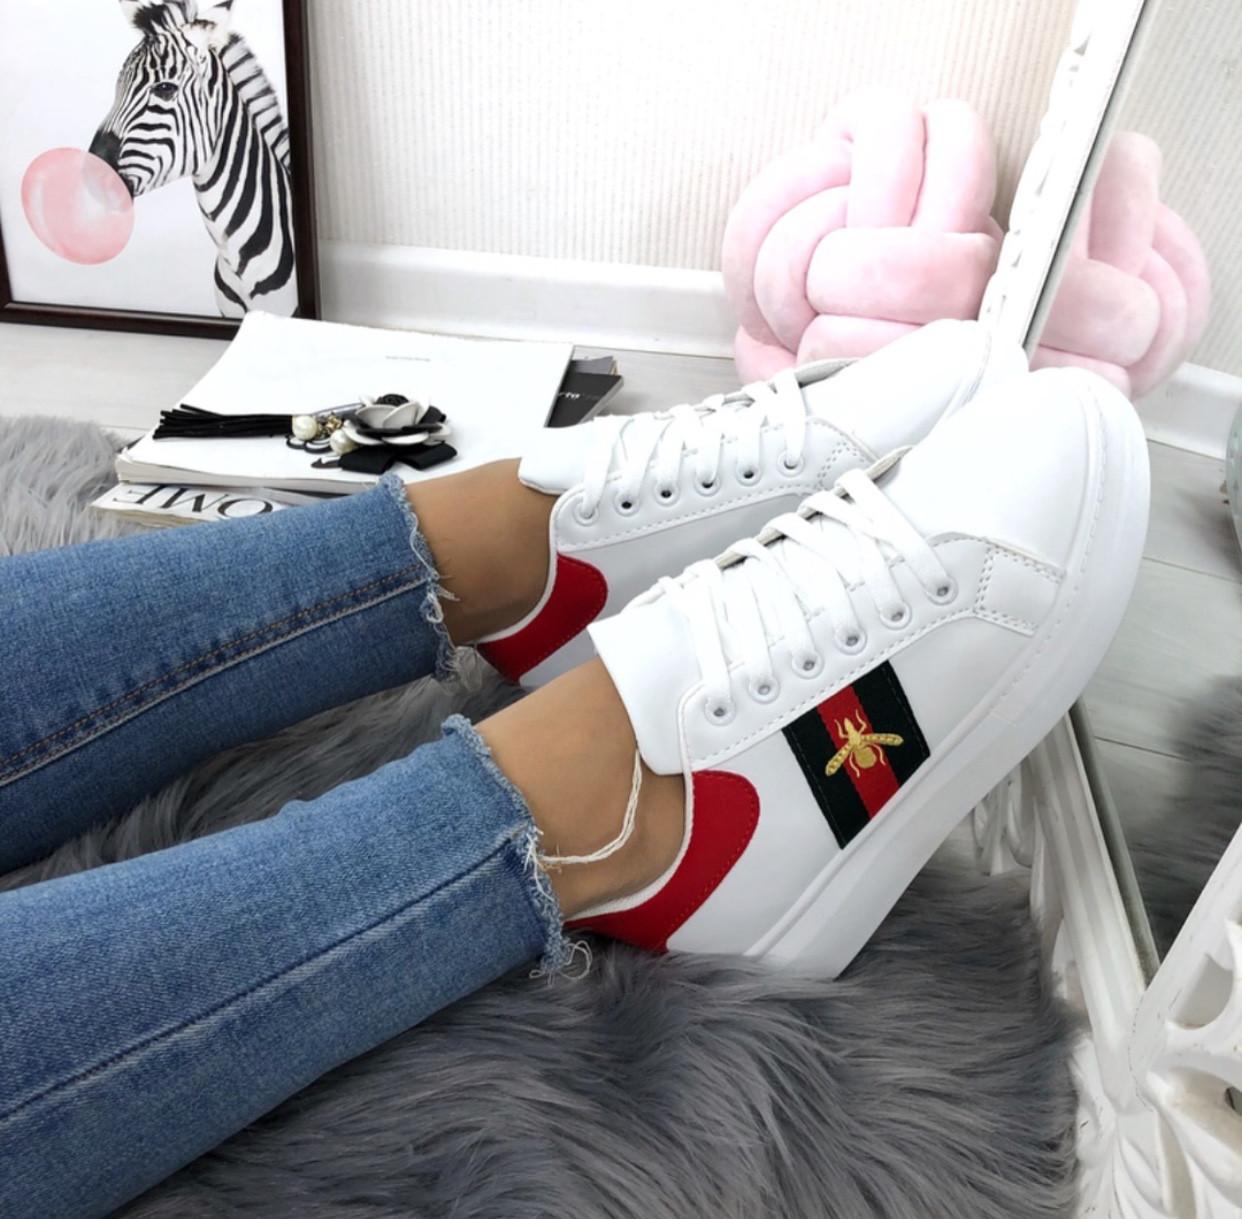 cdb0cfcdb3e3 Кроссовки Gucci с пчелой кеды слипоны гуччи - IQueen - интернет-магазин  женской обуви в